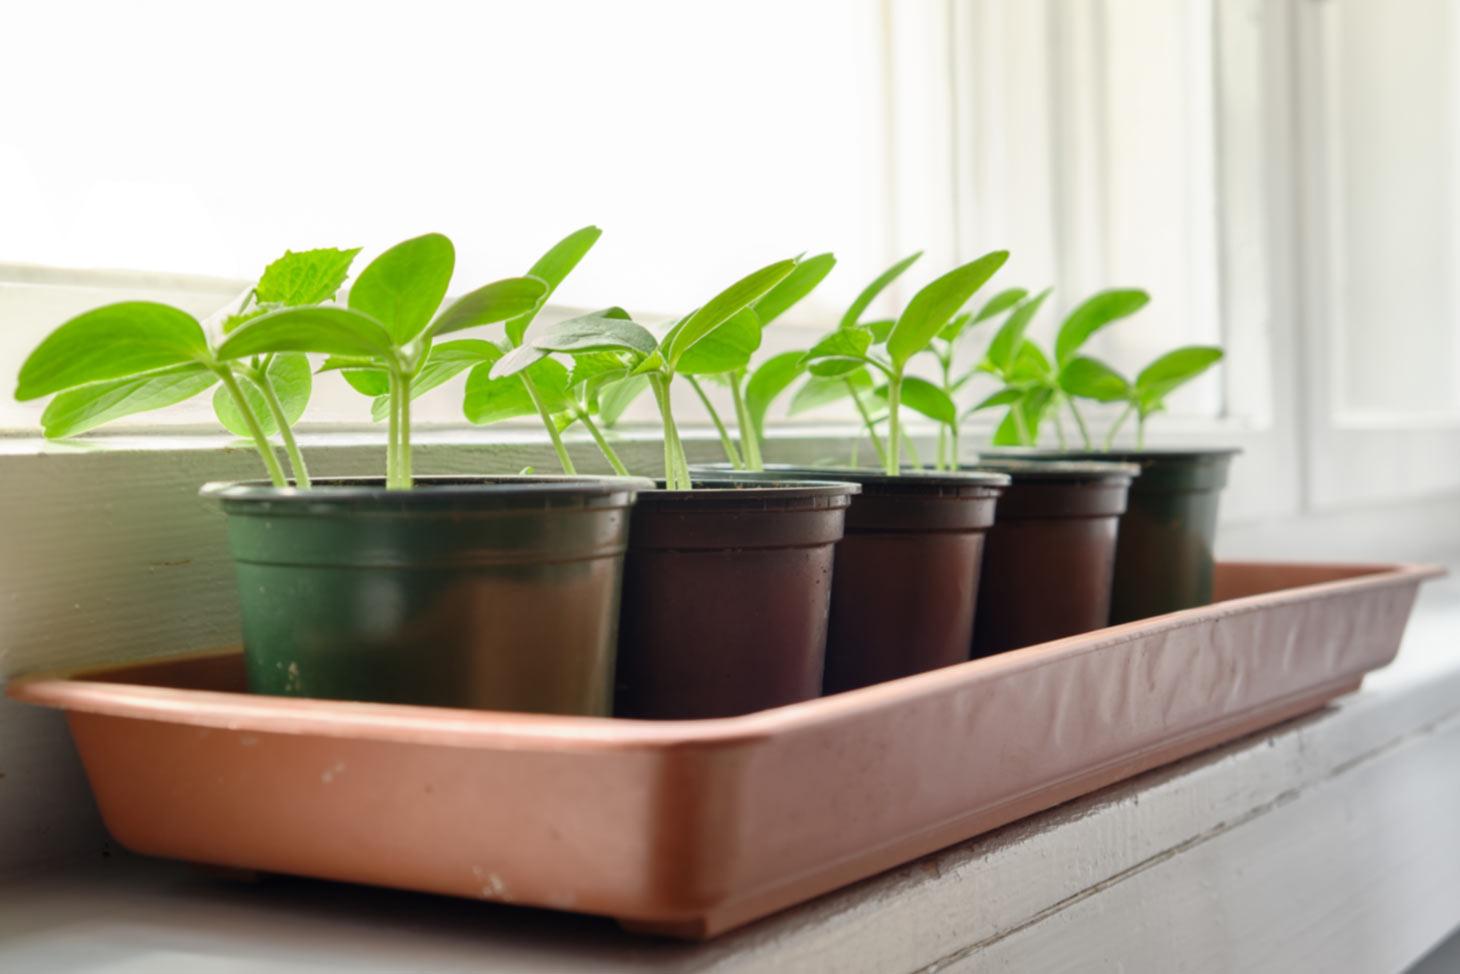 Jungpflanzen auf heller Fensterbank